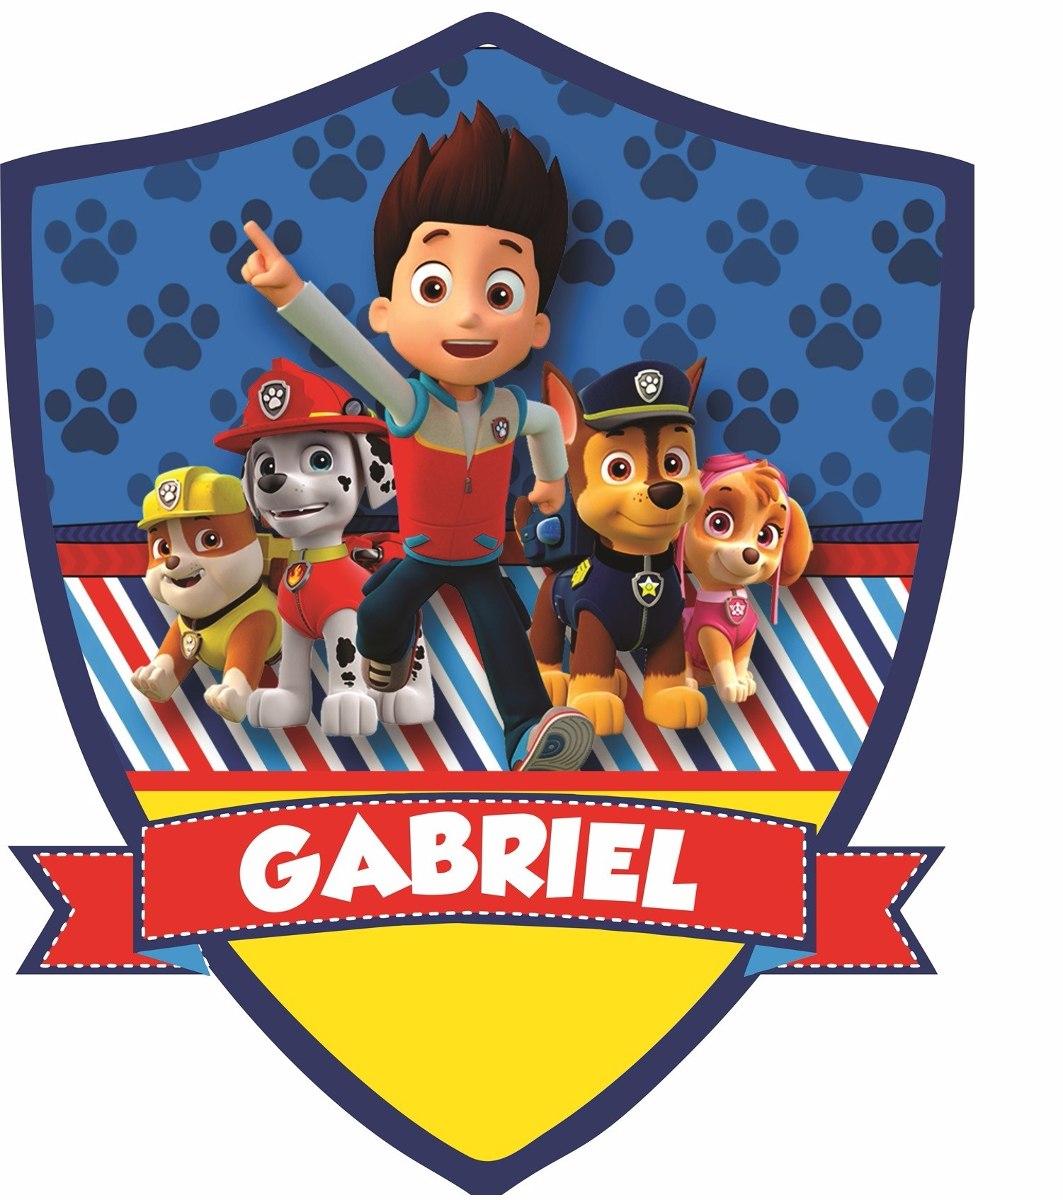 poster painel patrulha canina r  24 90 em mercado livre major league baseball logo vector major league movie logo vector